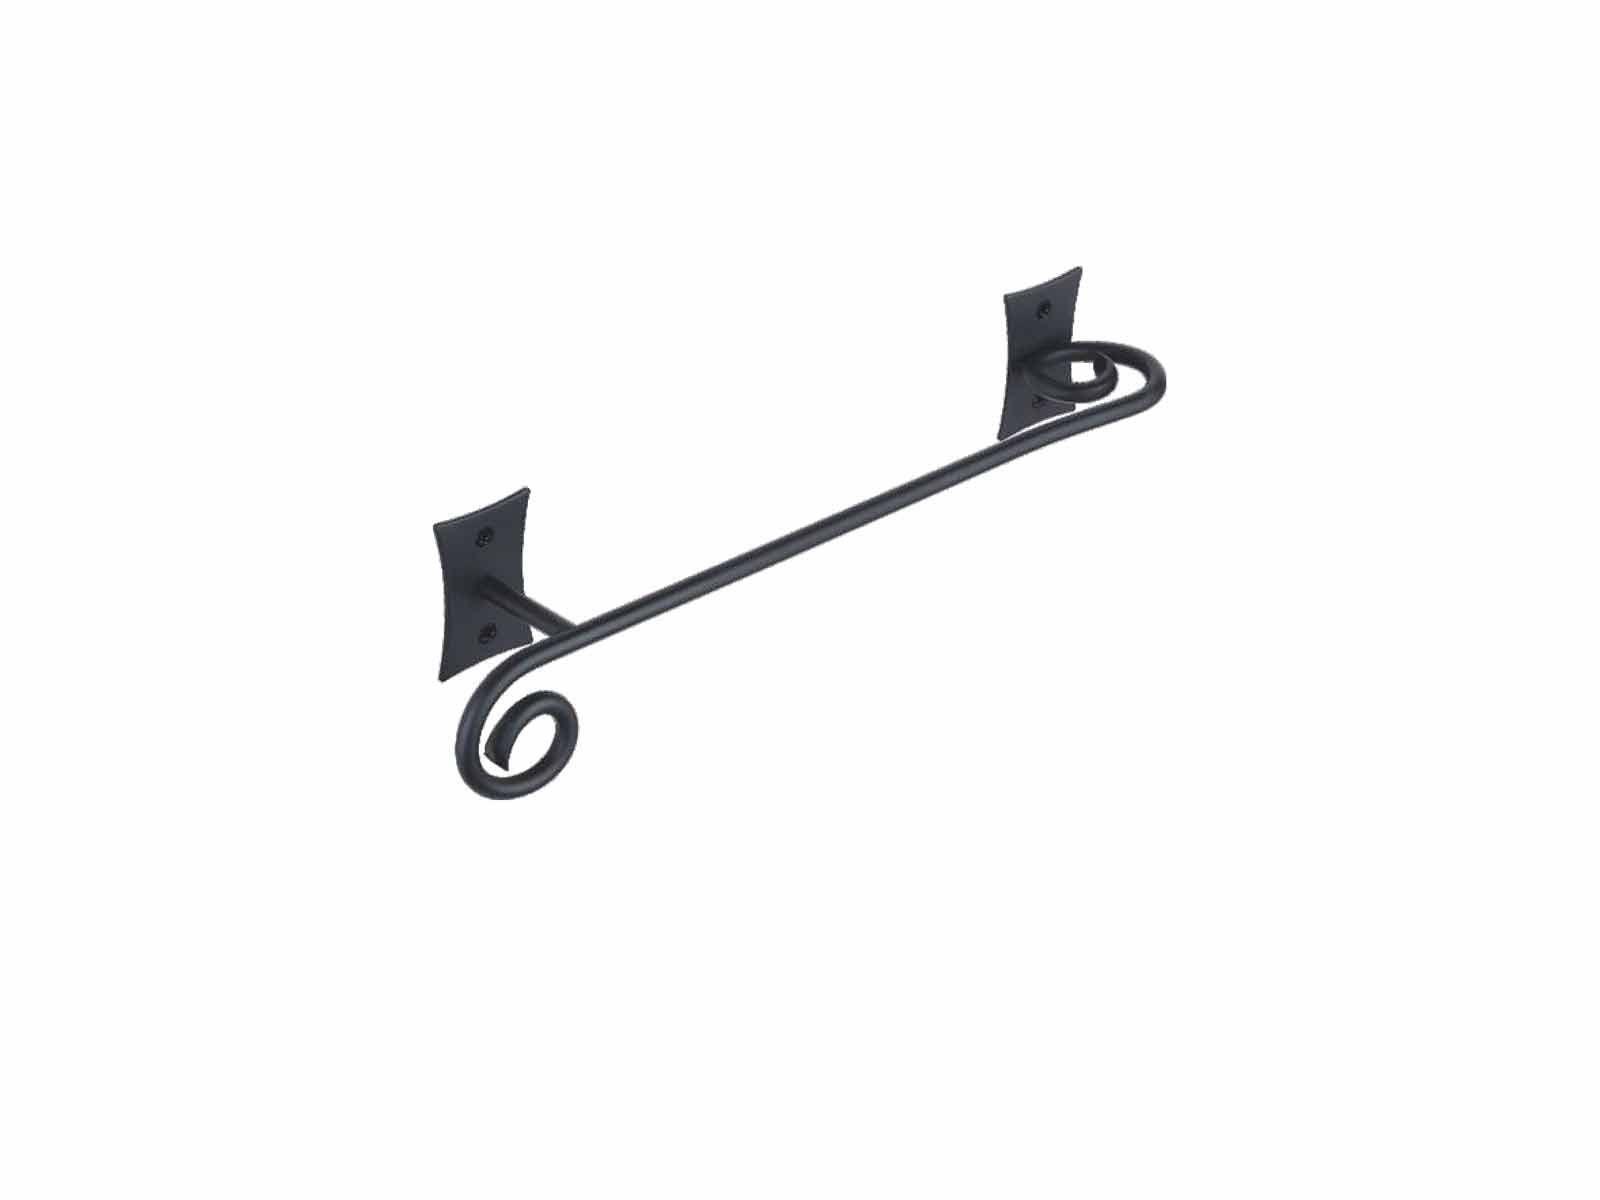 Porta Asciugamani Da Bagno In Ferro Battuto : Accessori bagno ferro battuto nero